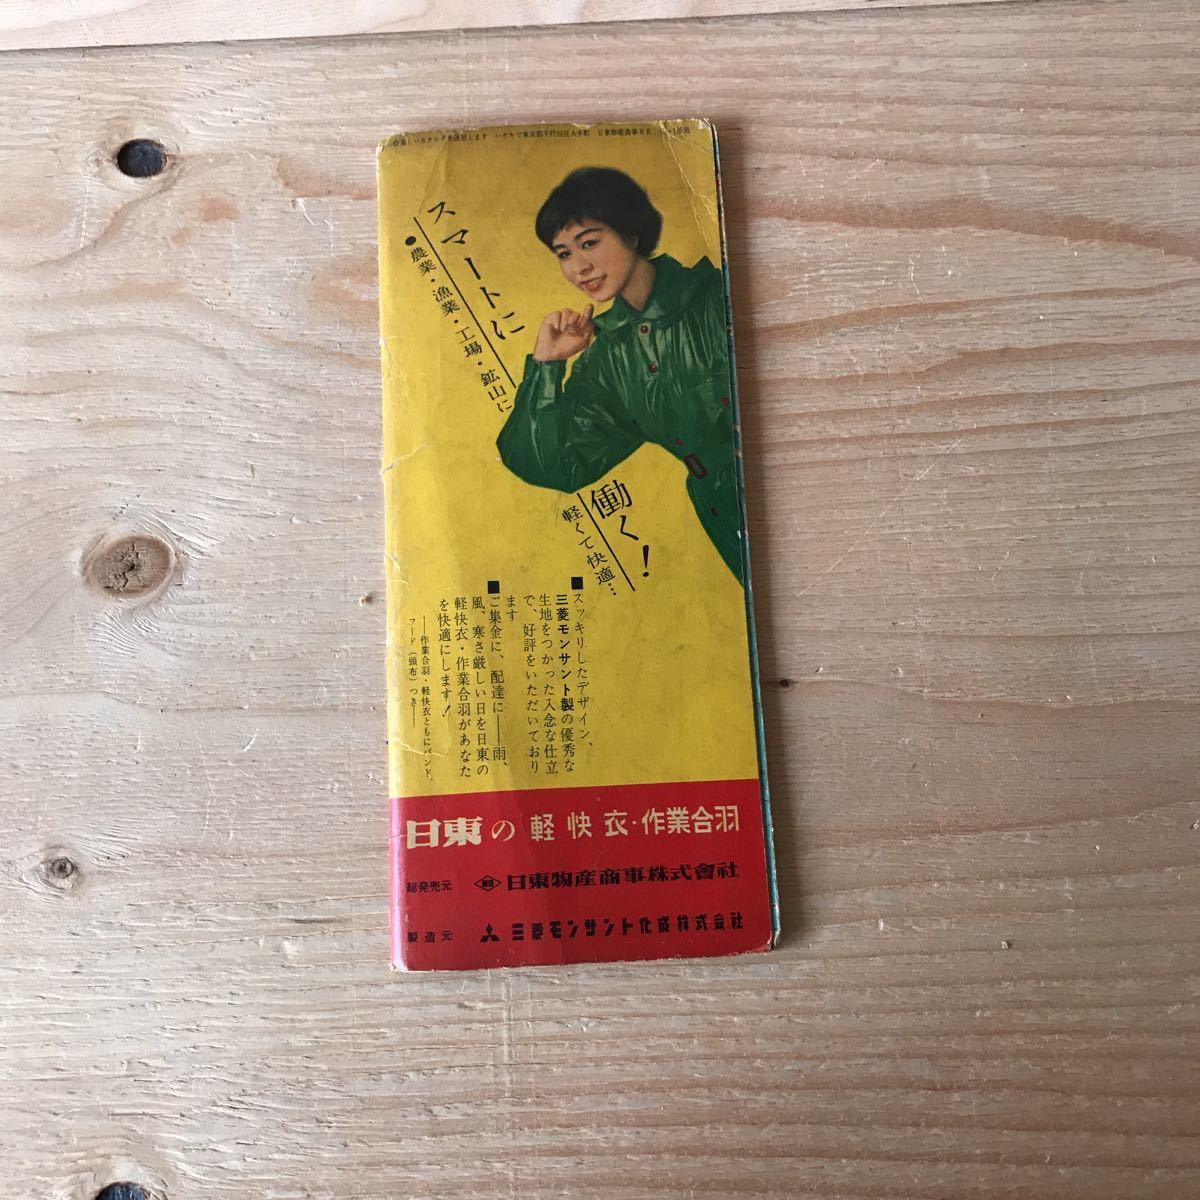 ◎あB-190607 レア レトロ [最新版 全国旅行案内鉄道地図 名所・観光地・温泉・スキー・スケート]駅売りの旨いもの_画像5